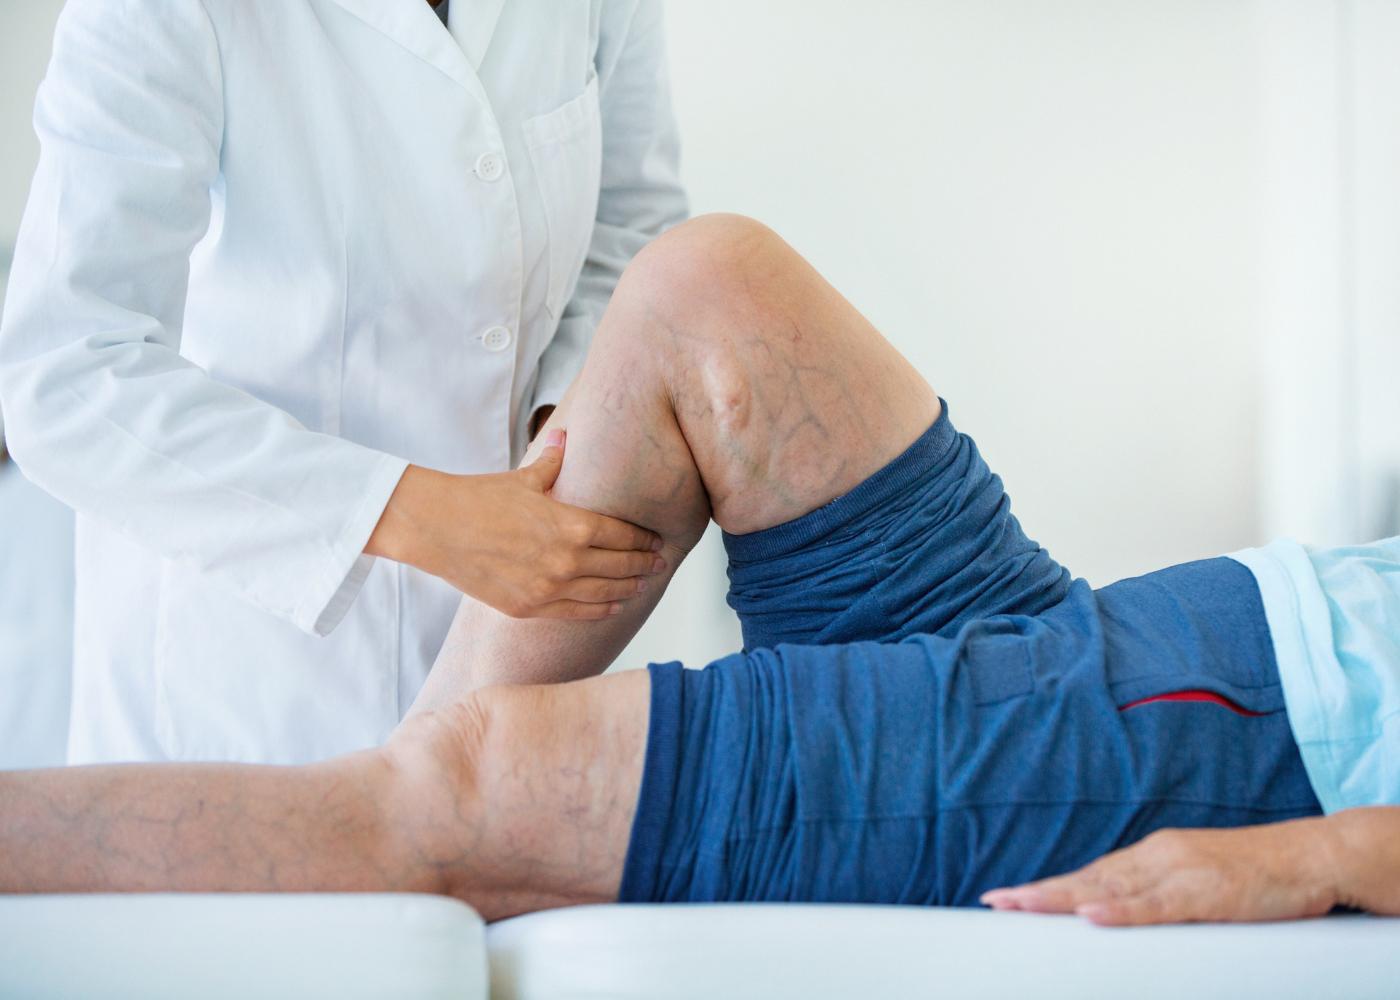 dor nas pernas por má circulação